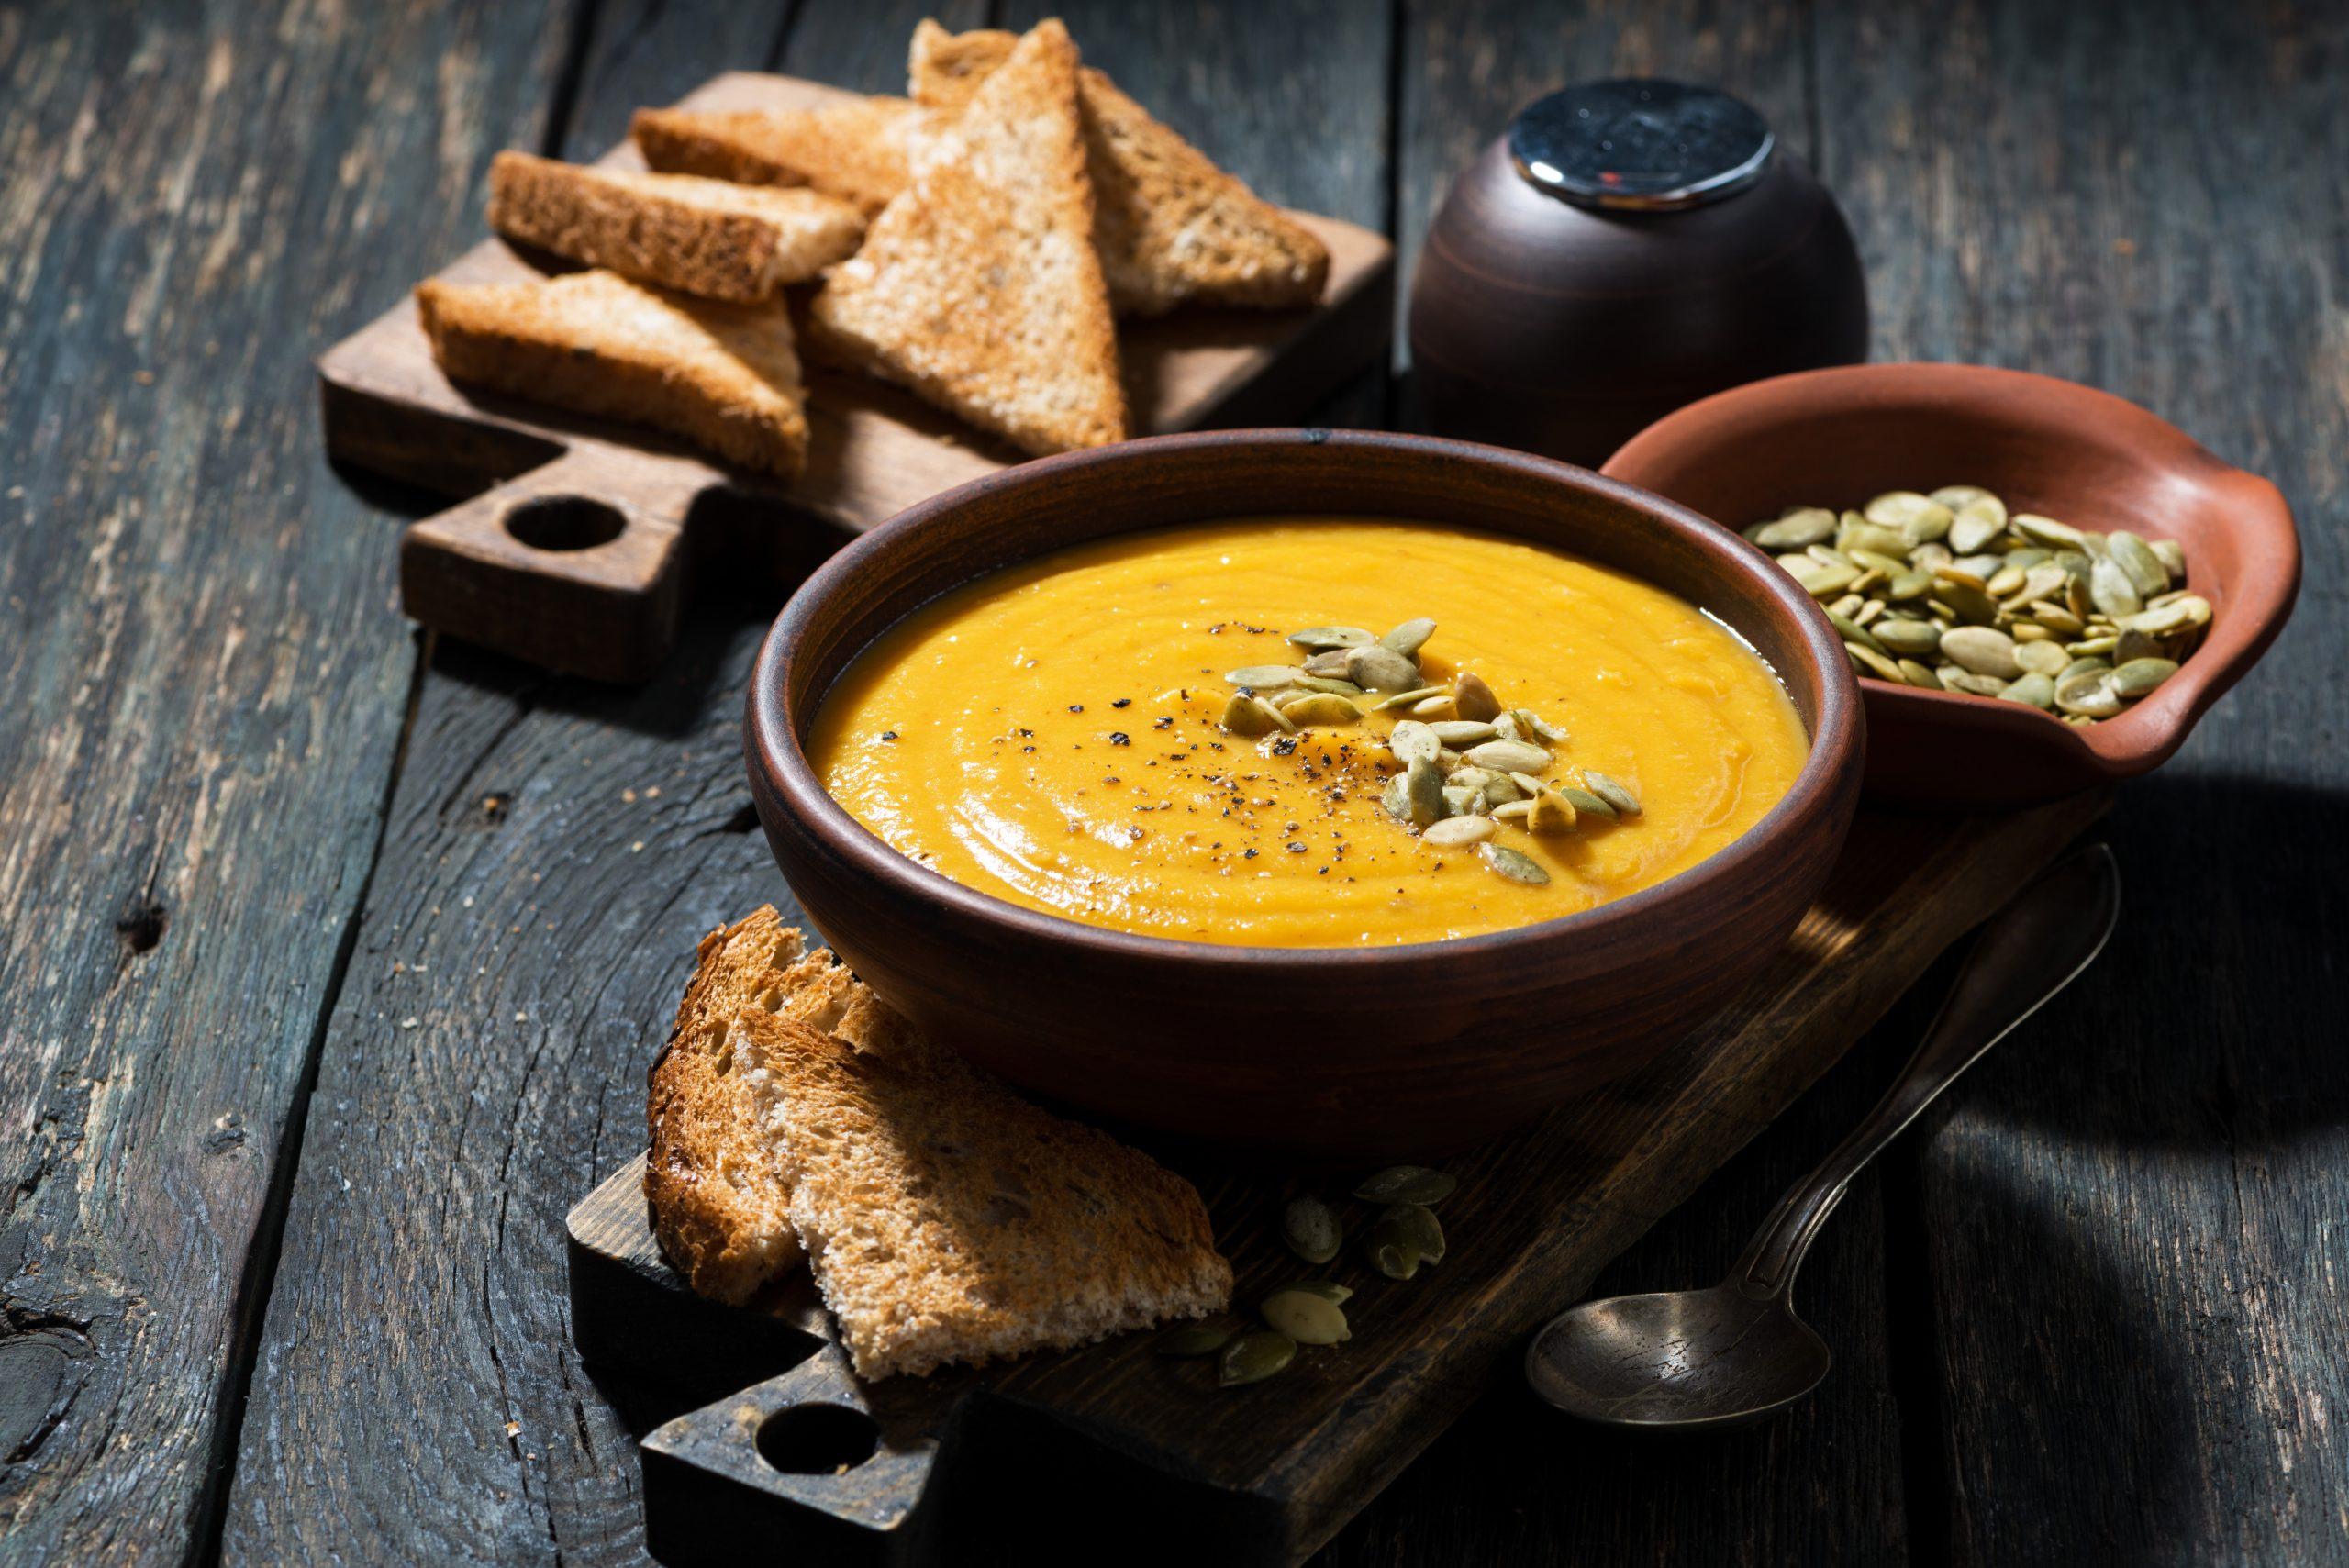 veganes rezept k rbissuppe mit ger steten k rbiskernen invikoo. Black Bedroom Furniture Sets. Home Design Ideas